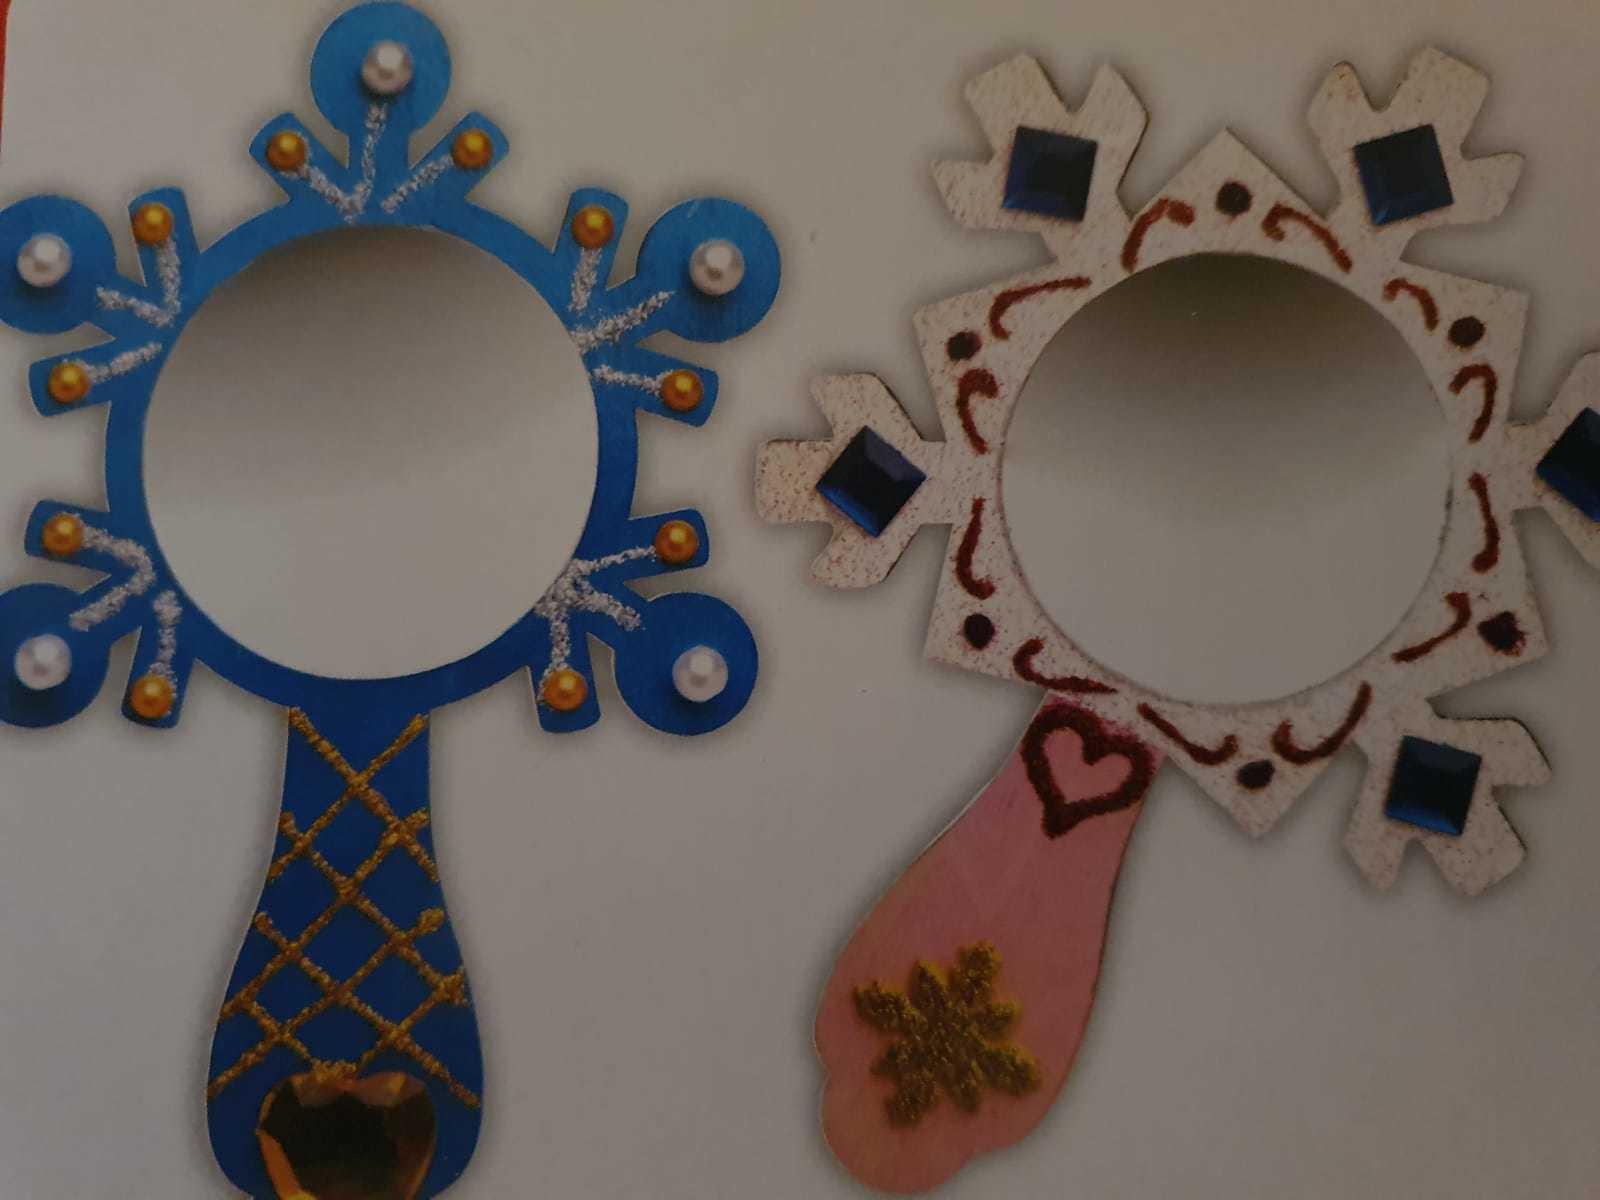 Schilder jouw allermooiste Steen en maak je allermooiste spiegel!